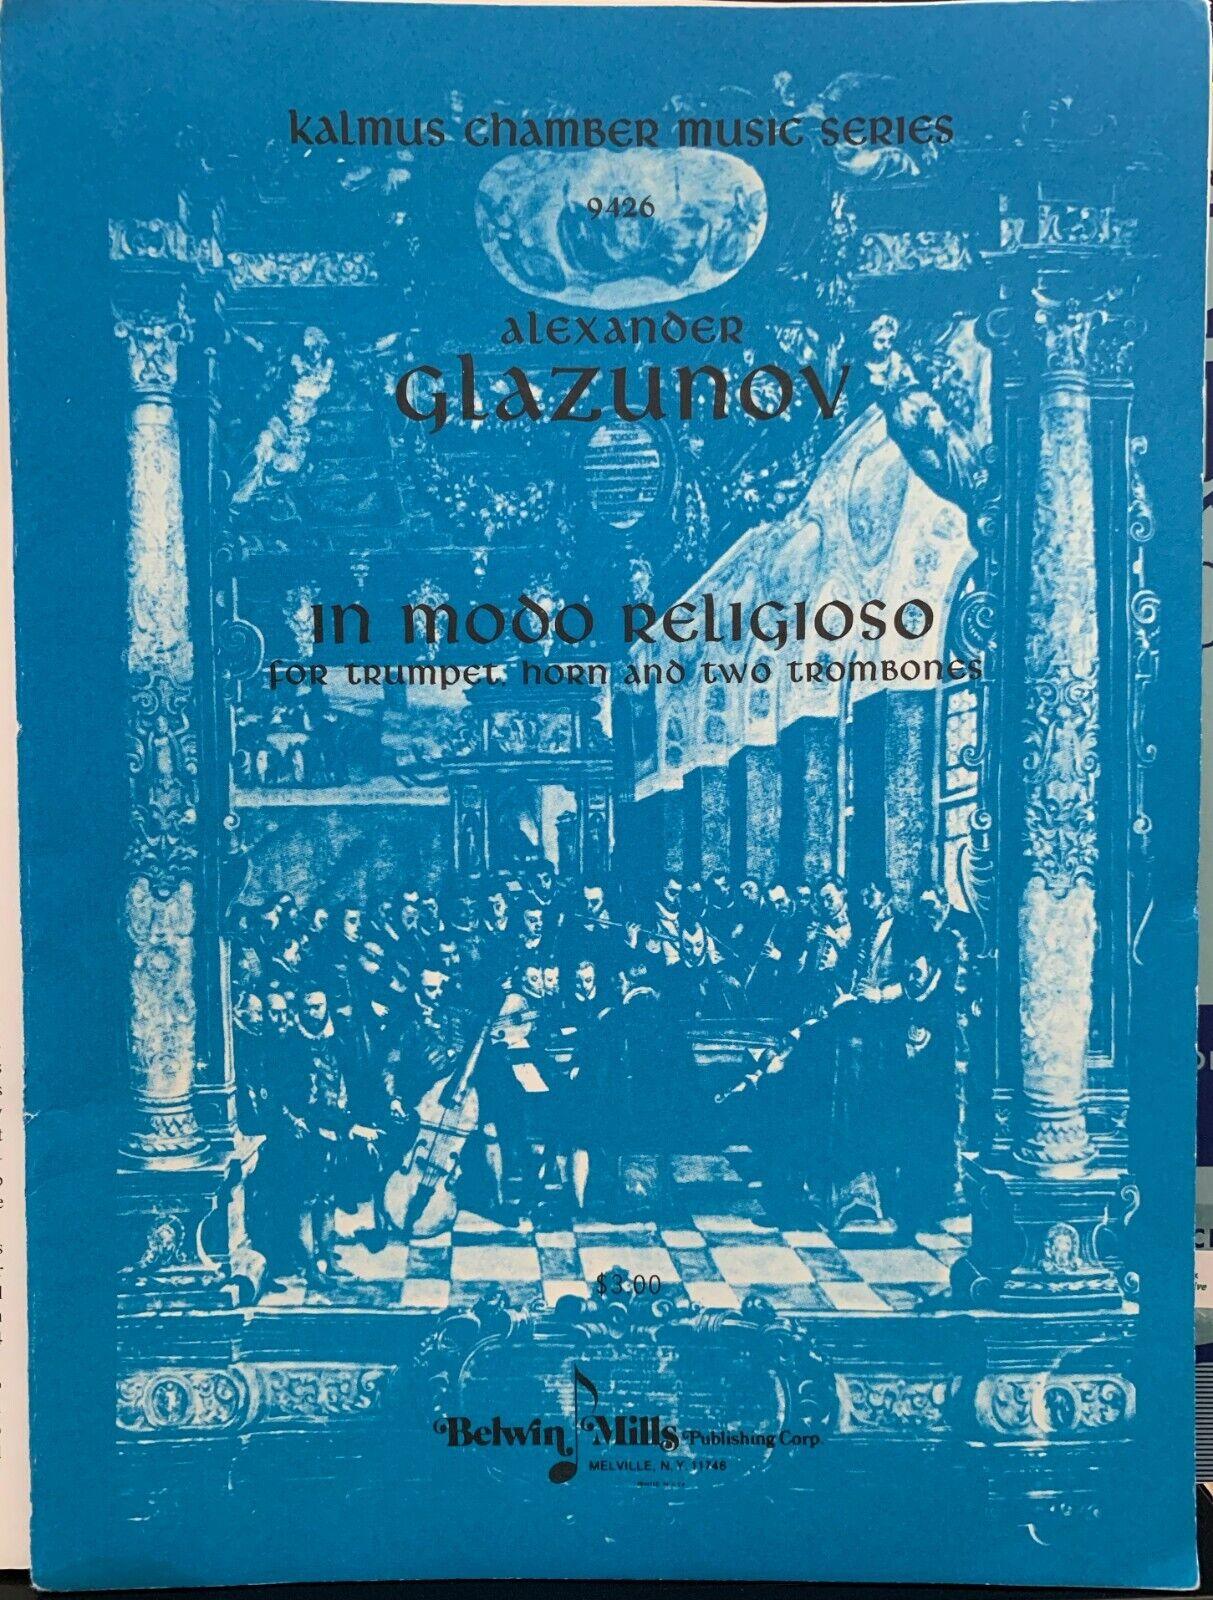 In Modo Religioso Brass Quartet By Alexander Glazunov Excellent - $6.49